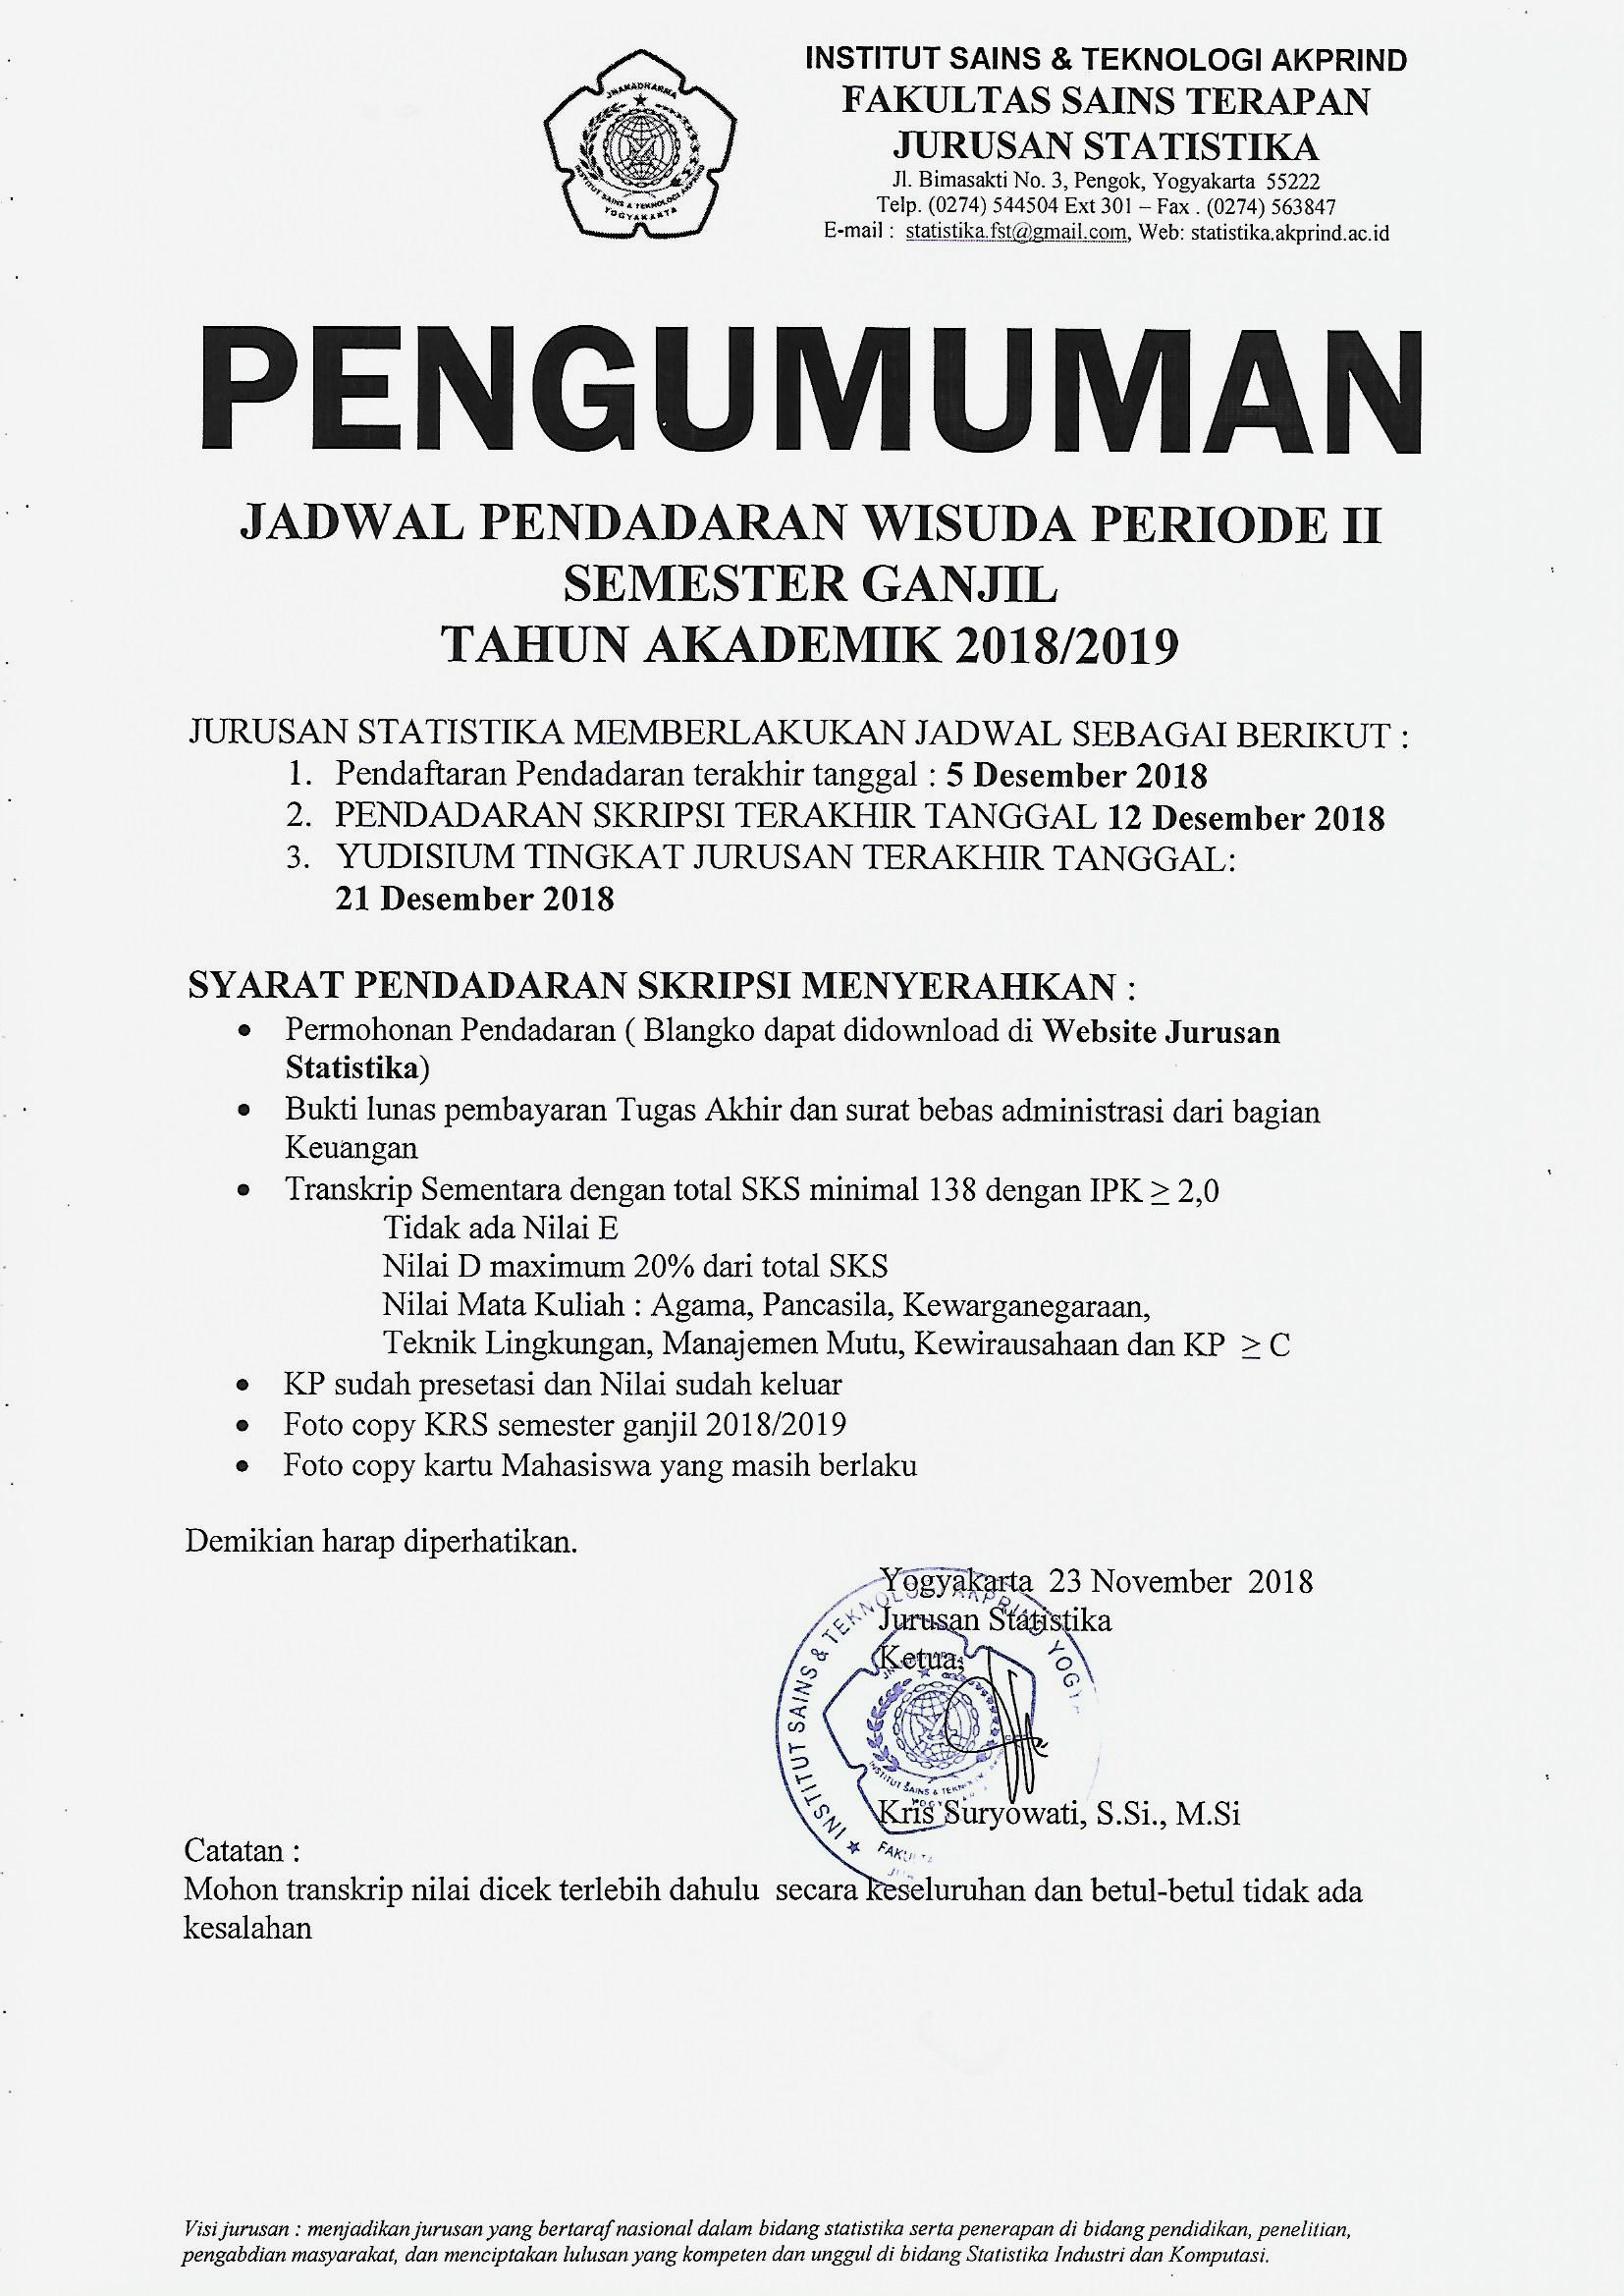 PENGUMUMAN JADWAL PENDADARAN WISUDA PERIODE II SEMESTER GANJIL TA. 2018 / 2019